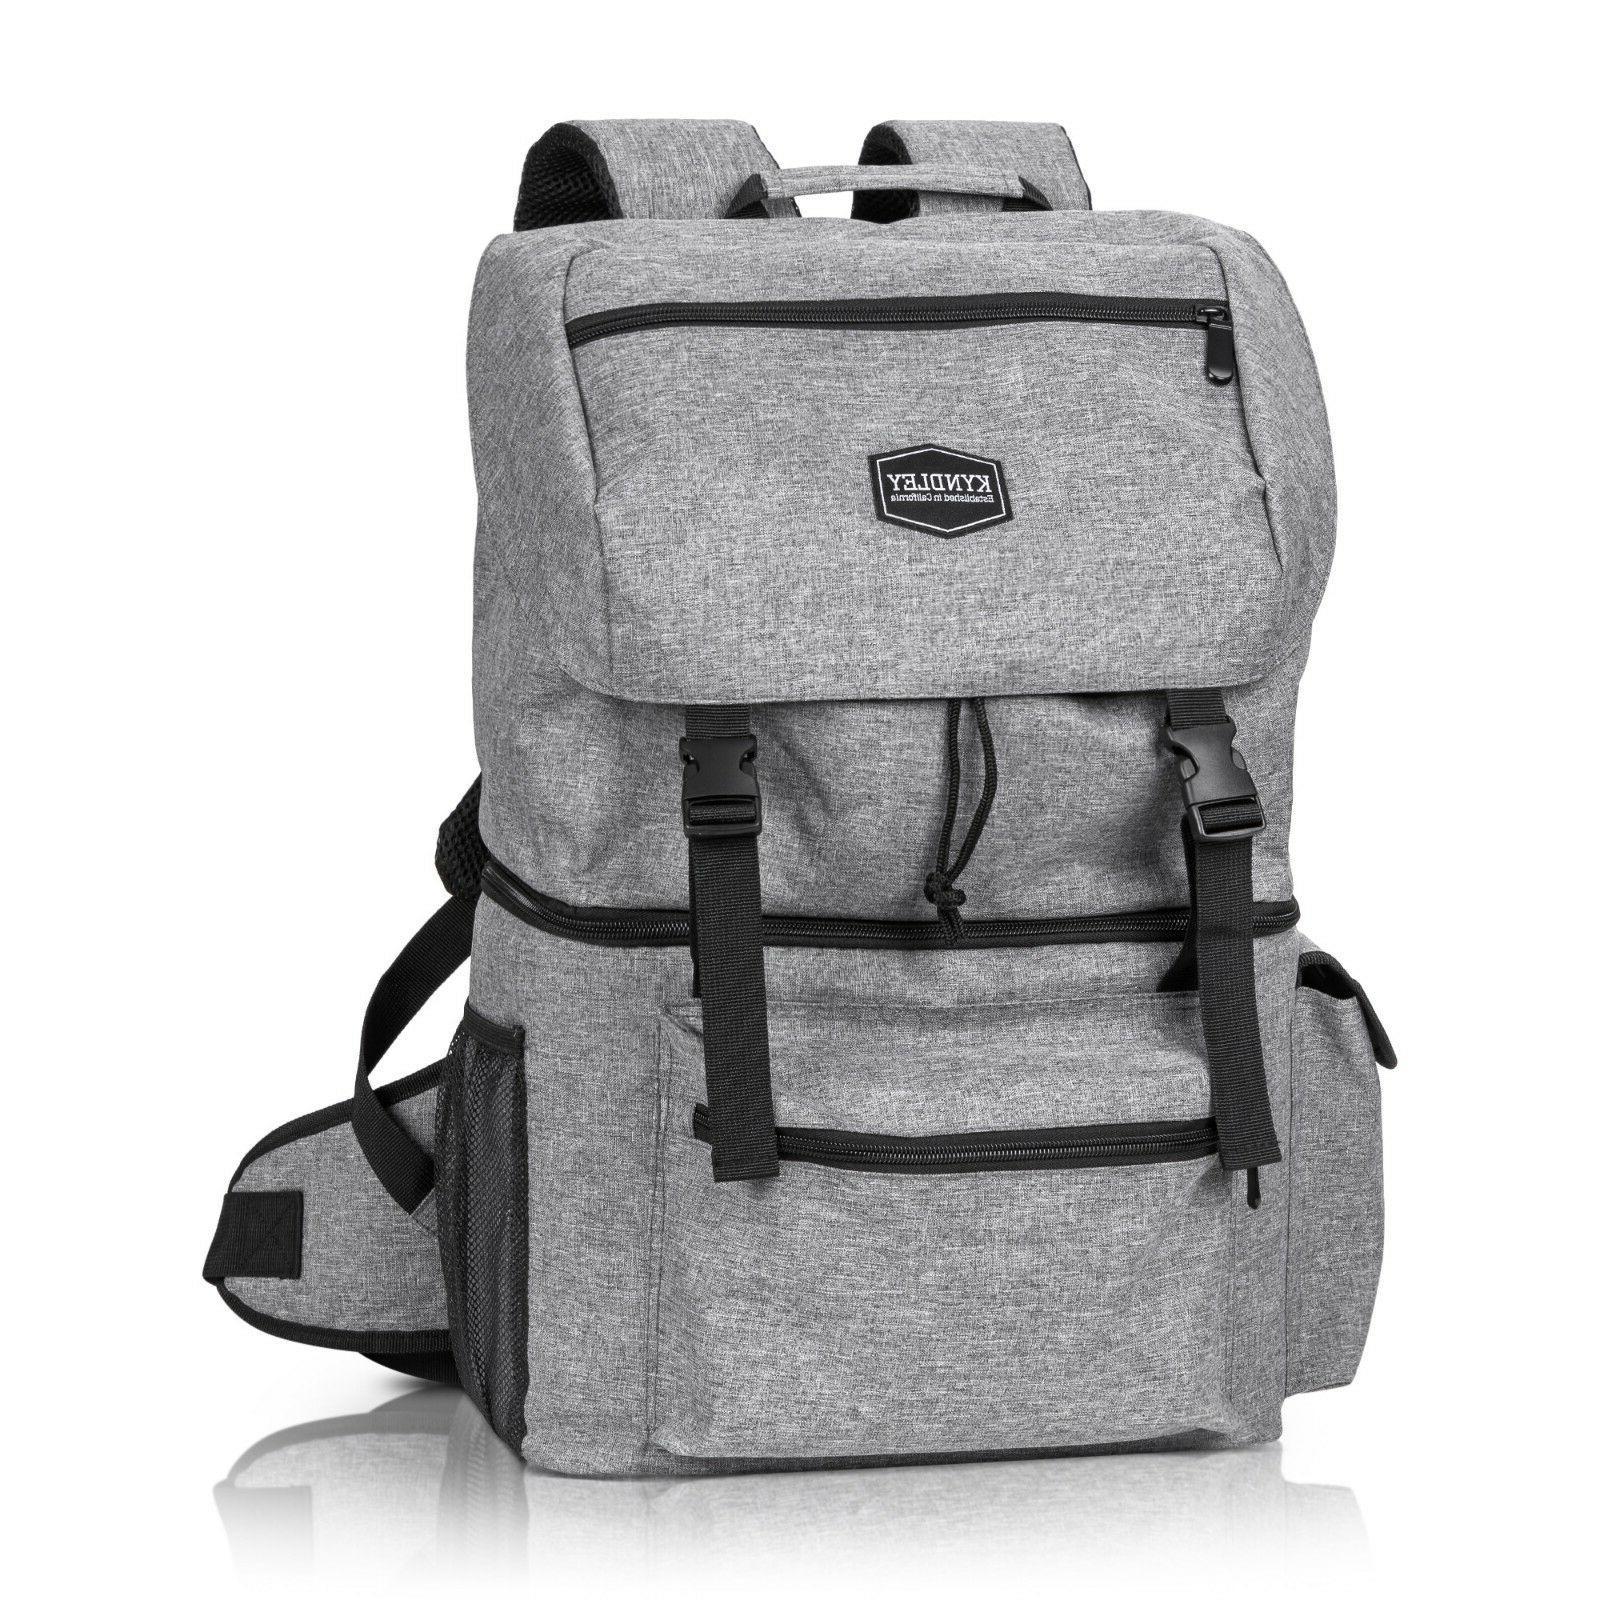 premium insulated shoulder backpack cooler lunch bag